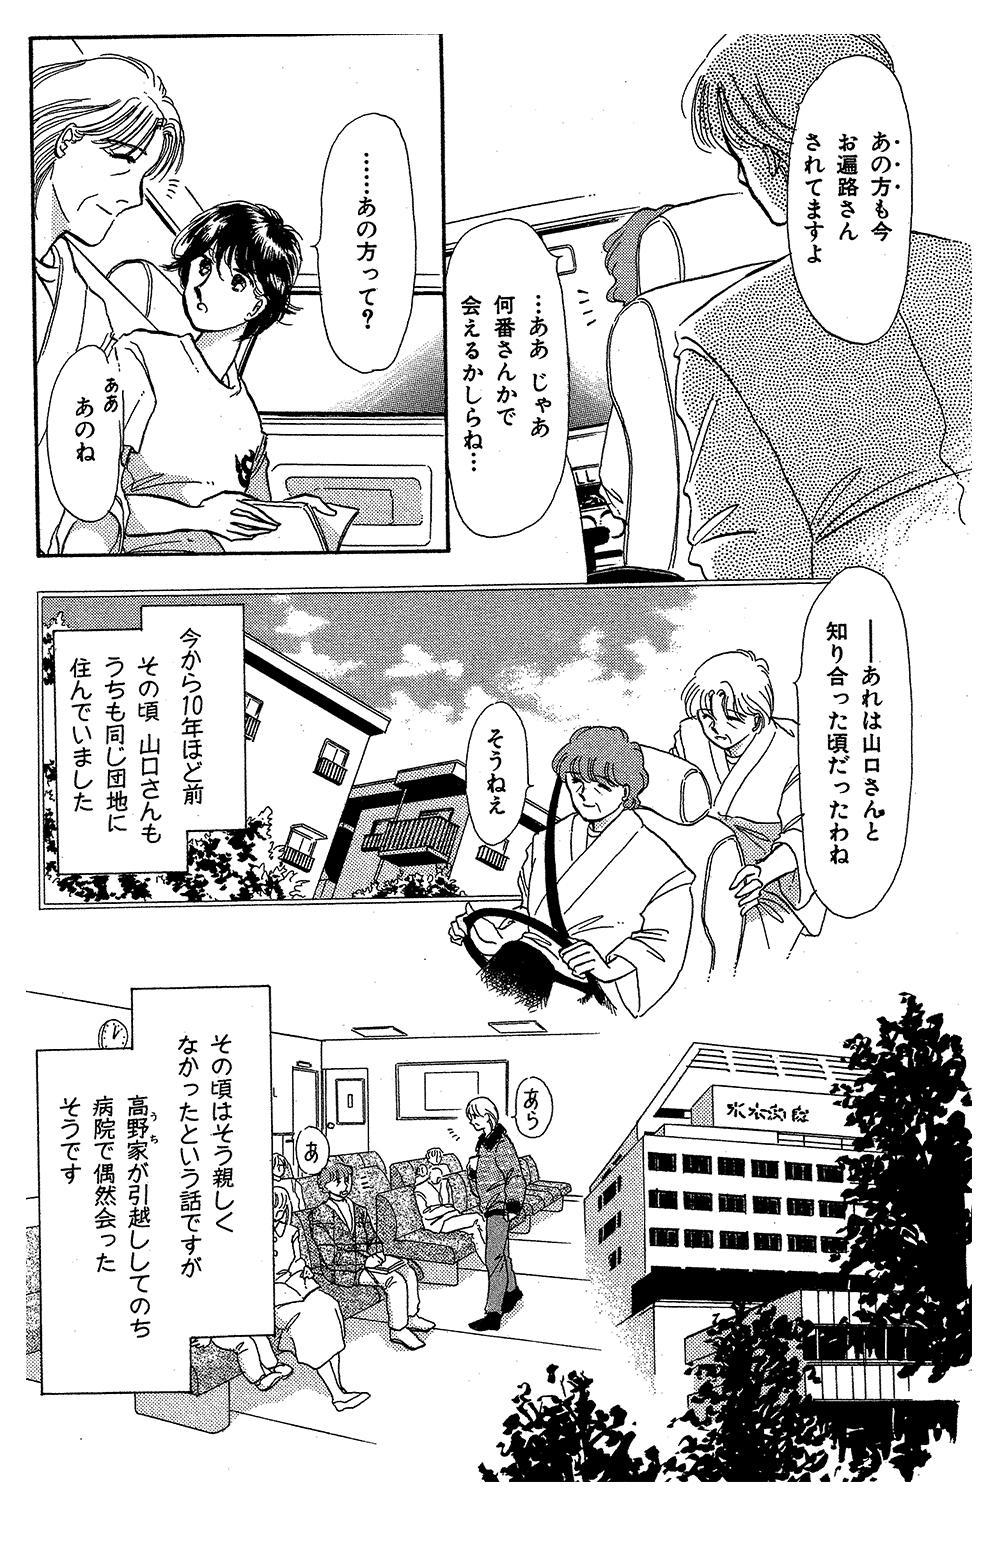 霊感ママシリーズ 第4話「母への道程」①reikanmama-03-101.jpg